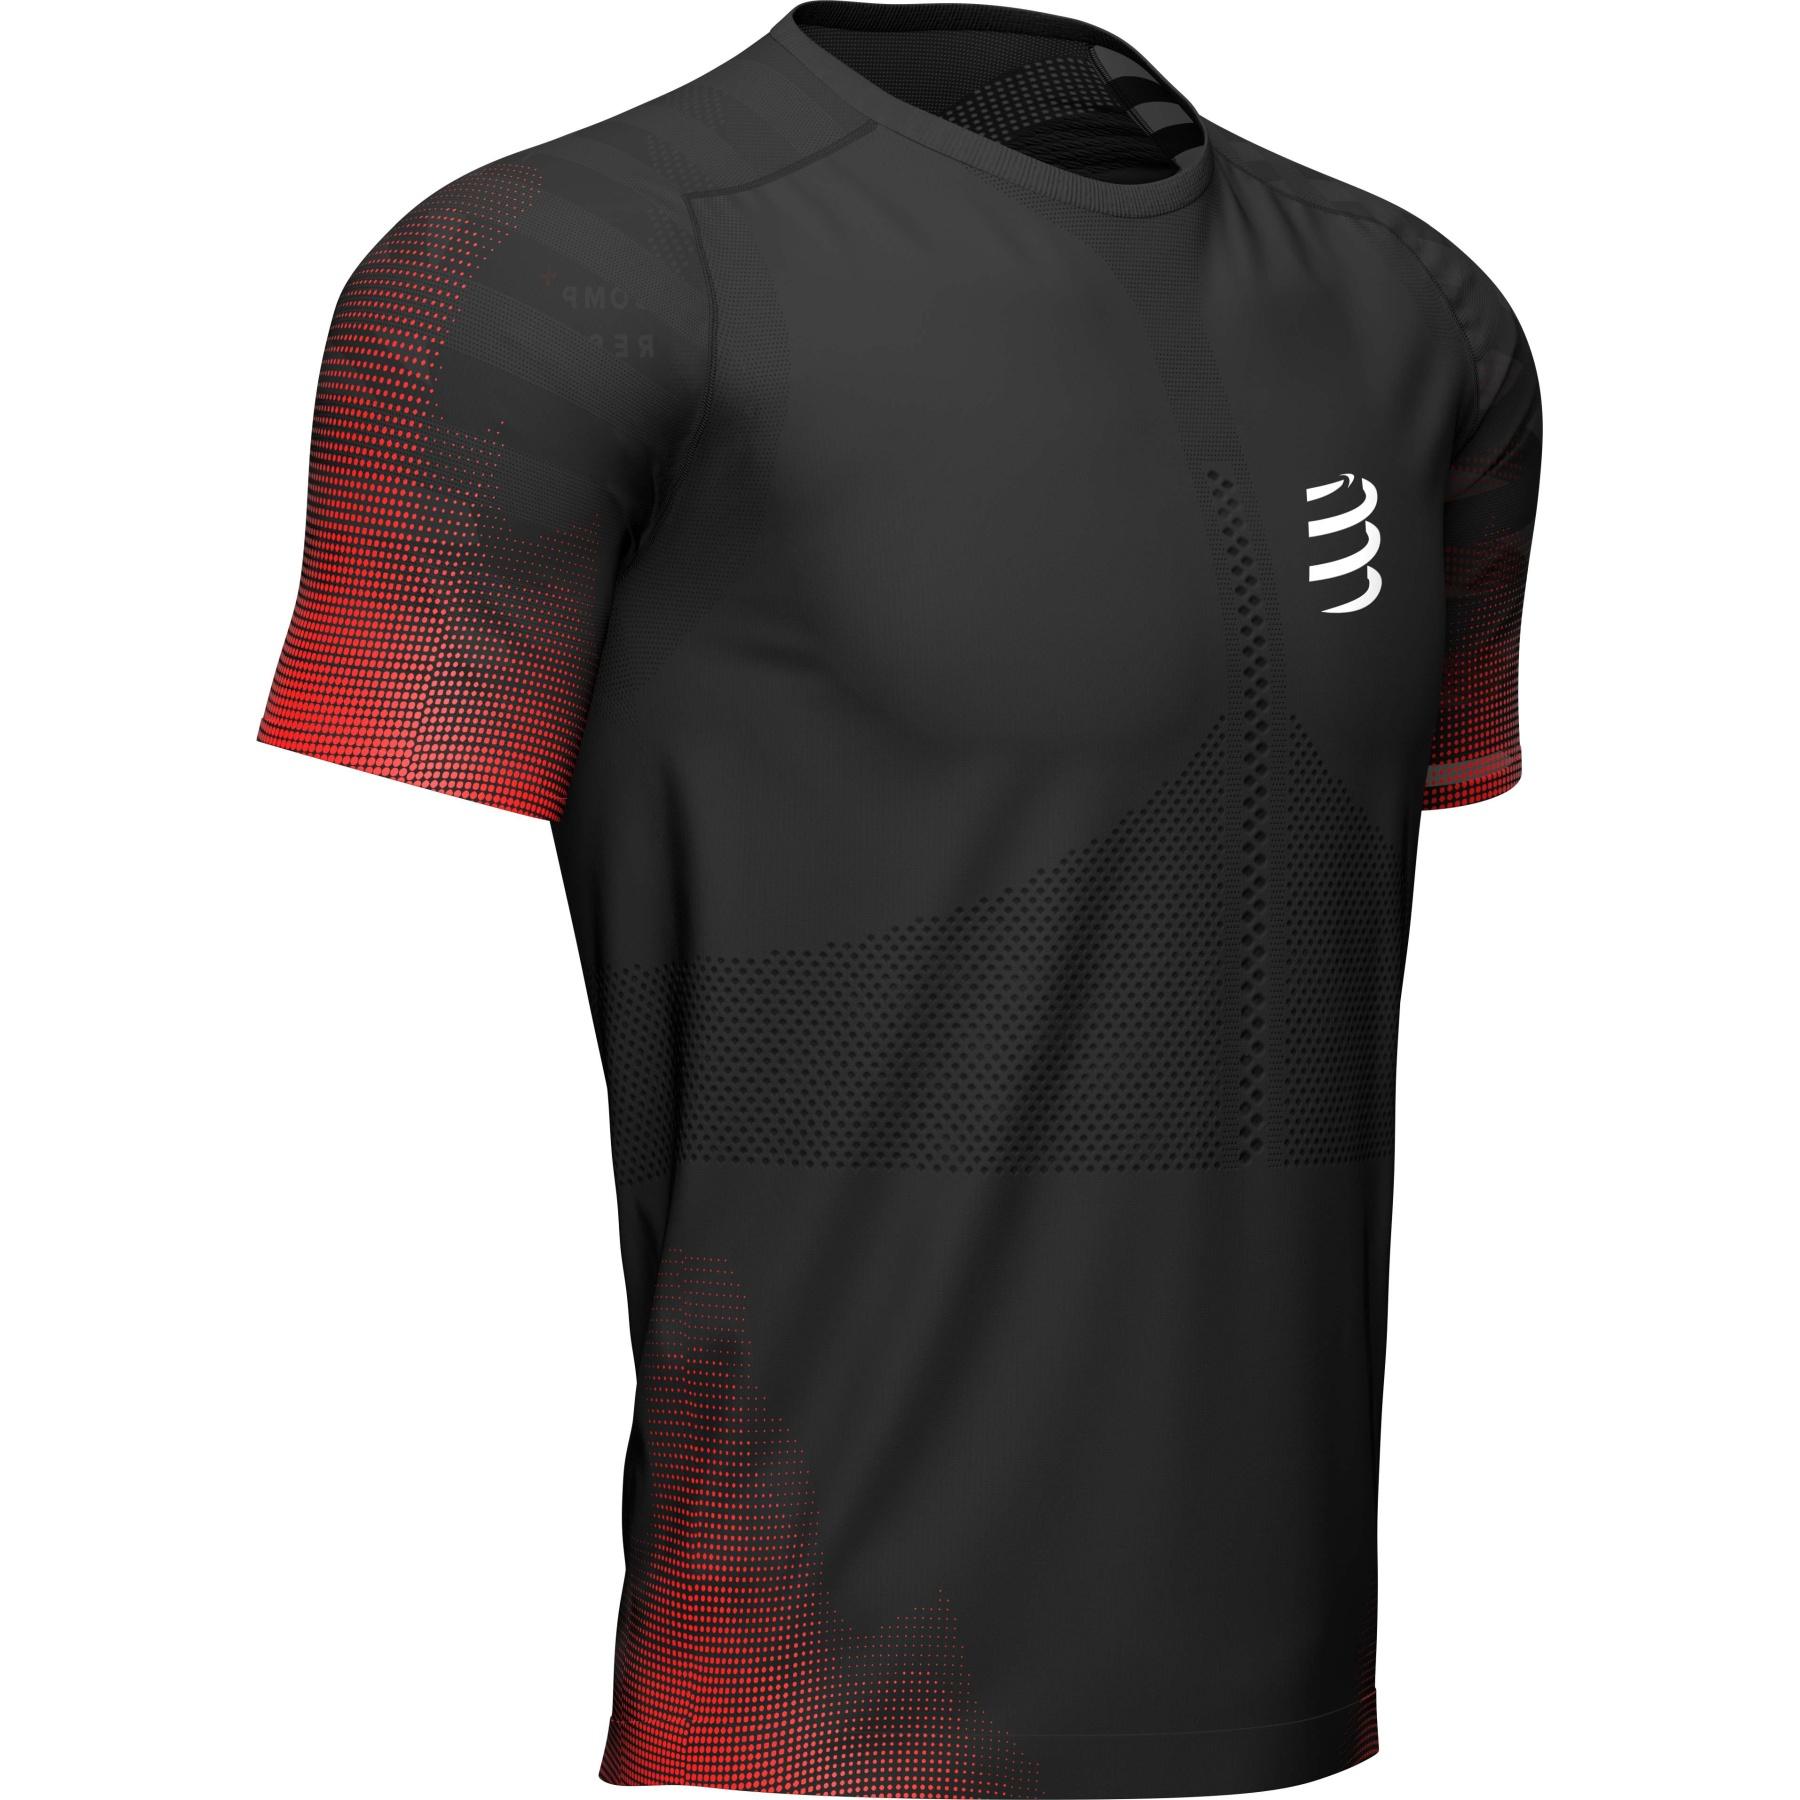 Produktbild von Compressport Racing Laufshirt - schwarz